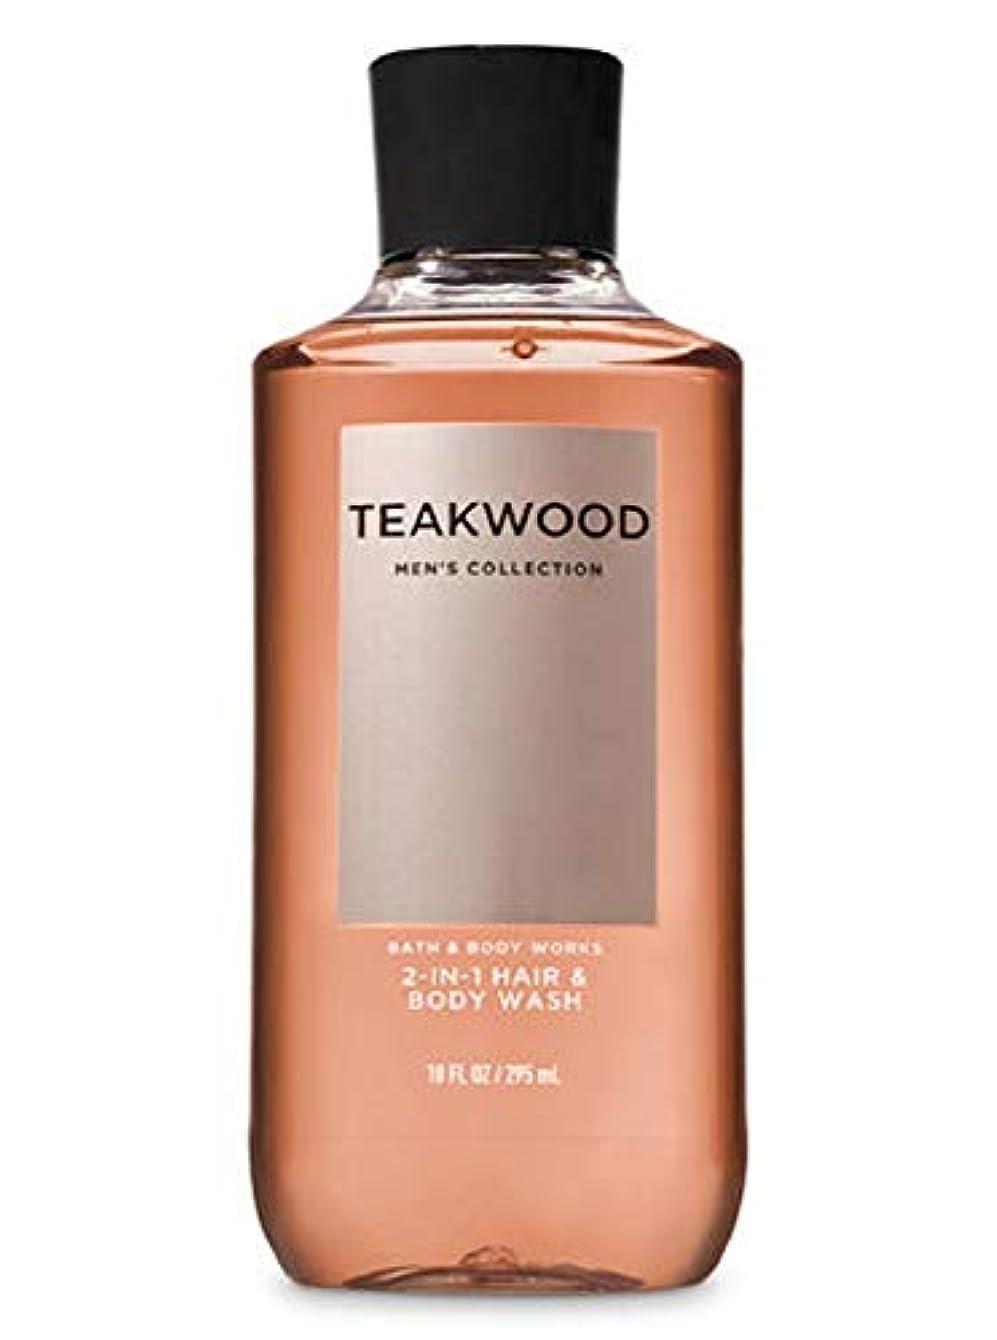 ランプ意識的ナット【並行輸入品】Bath & Body Works TEAKWOOD 2-in-1 Hair + Body Wash